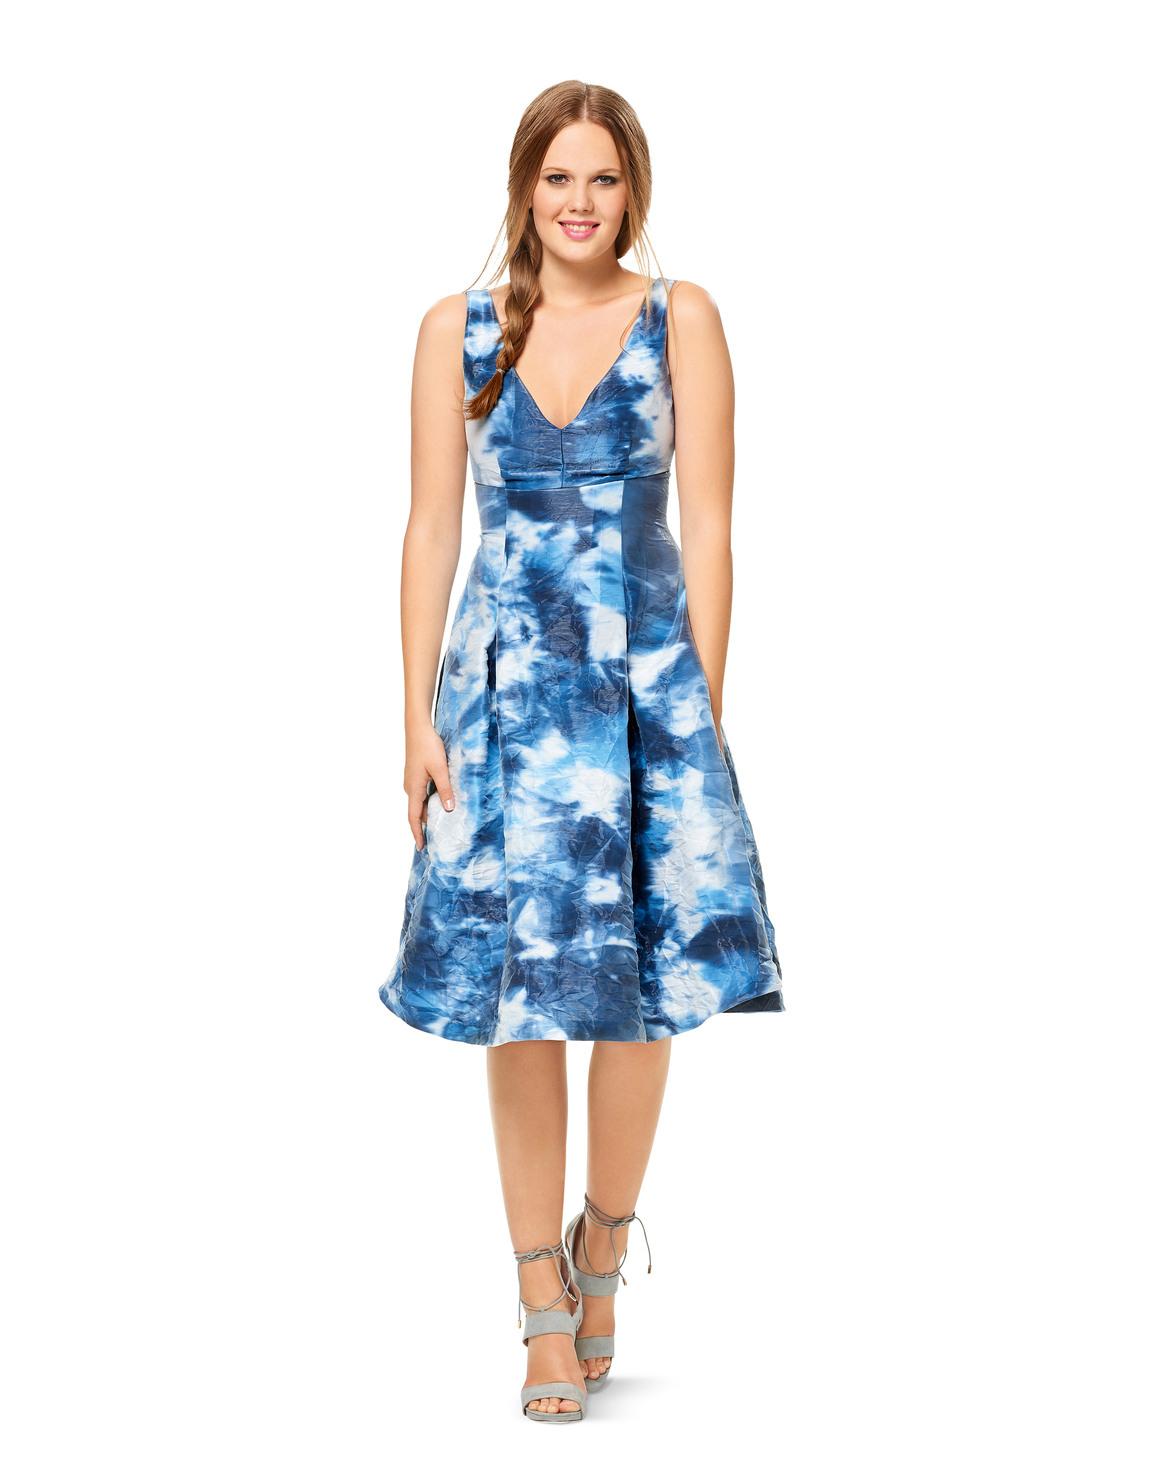 17 Fantastisch Kleid Kniebedeckt Vertrieb20 Kreativ Kleid Kniebedeckt Vertrieb